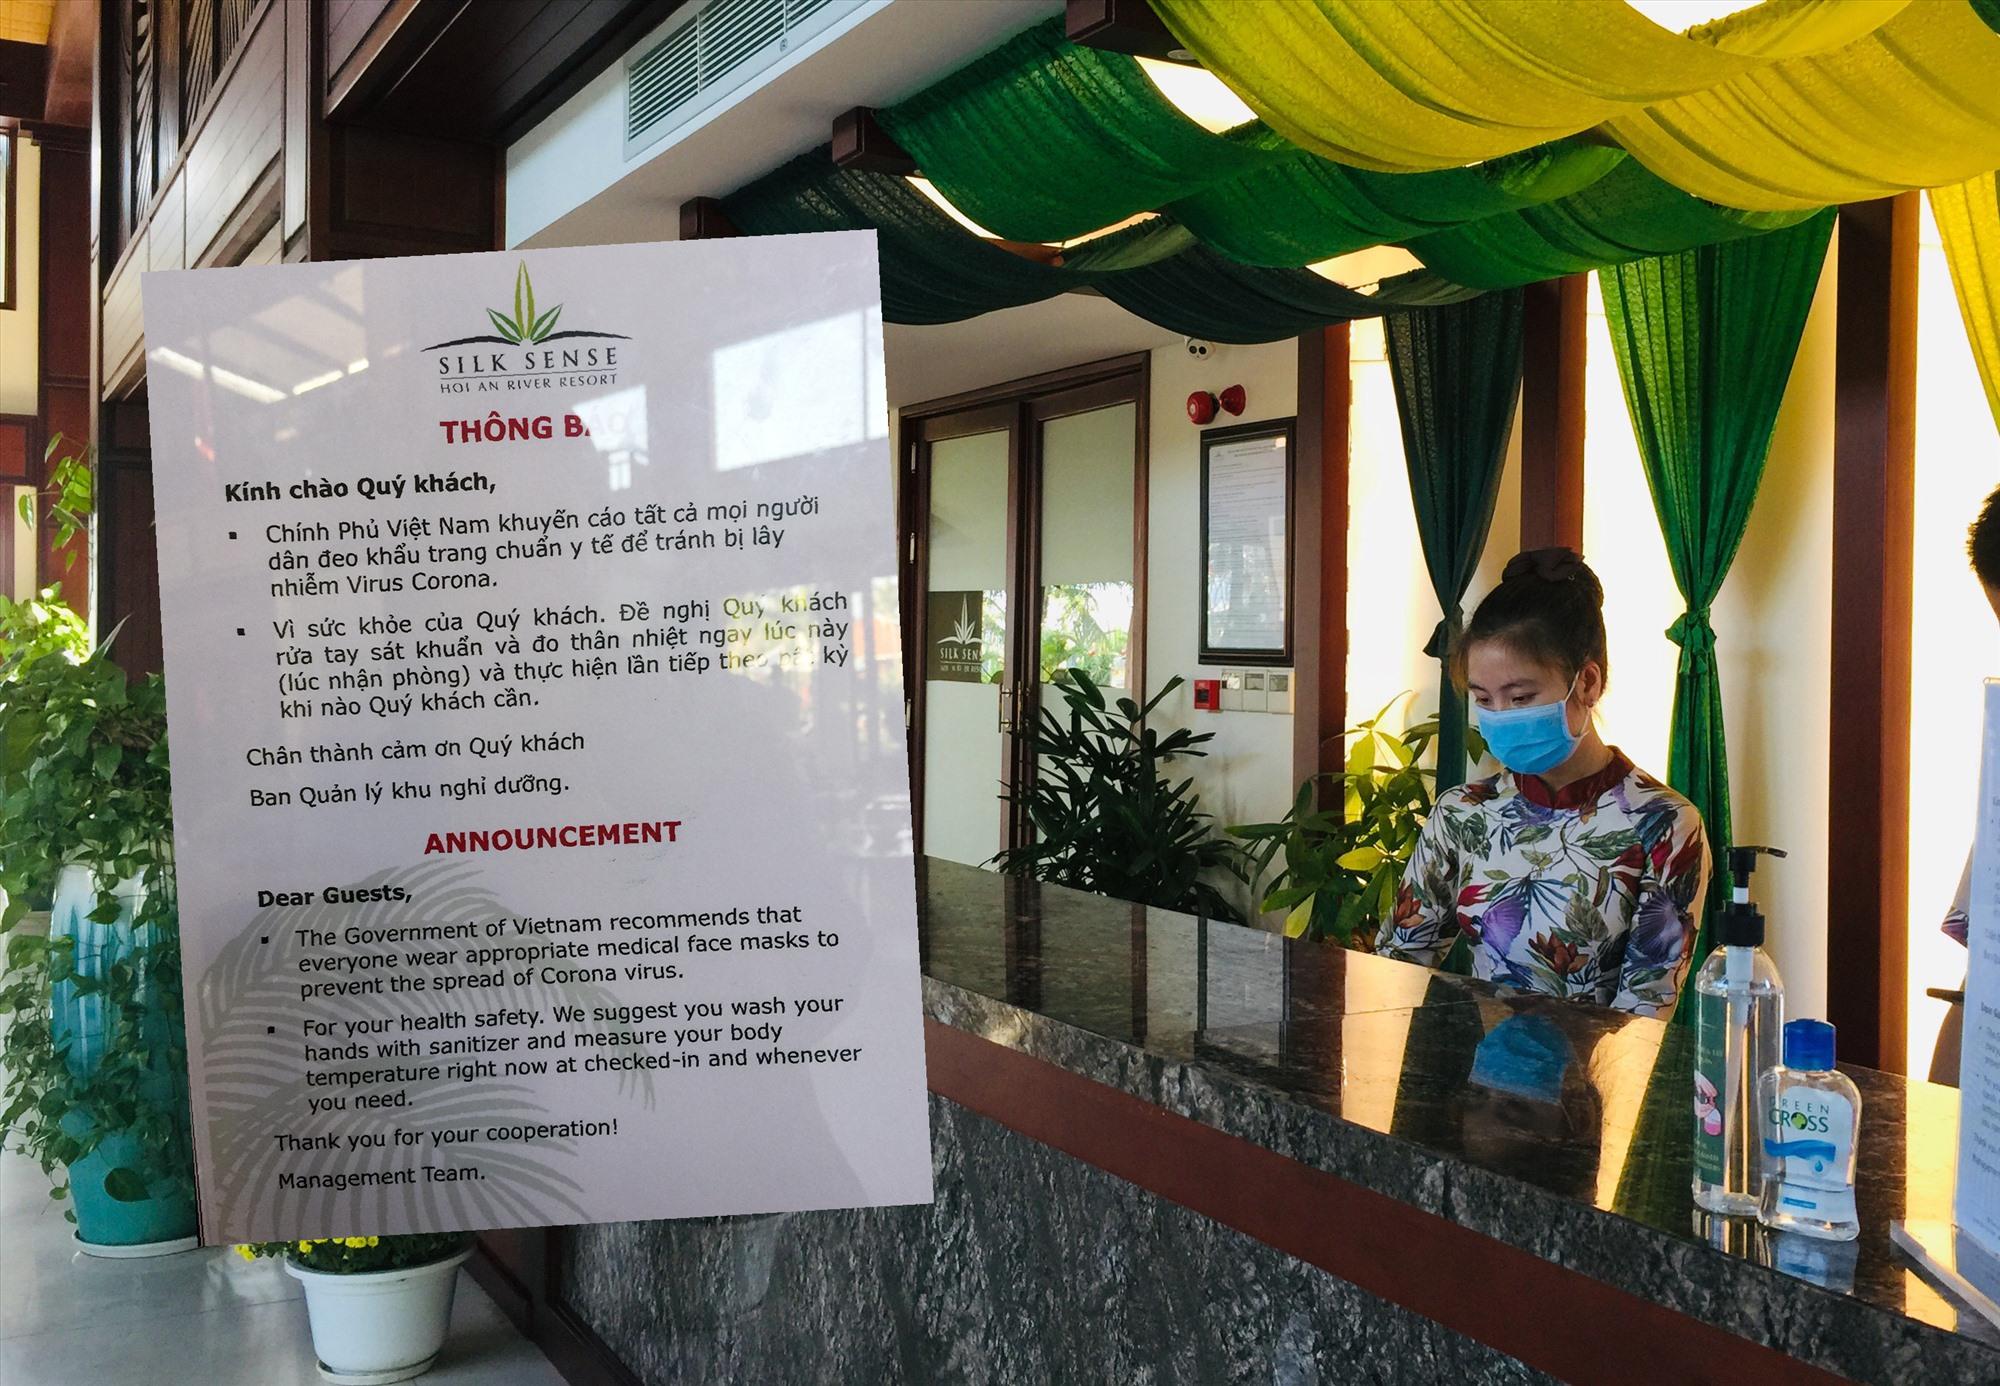 Mẫu thư khuyến cáo dịch bệnh do vi rút corona ngắn gọn bằng 2 thứ tiếng Việt và Anh tại quầy lễ tân Silk Sense Resort Hội An. Ảnh: H.V